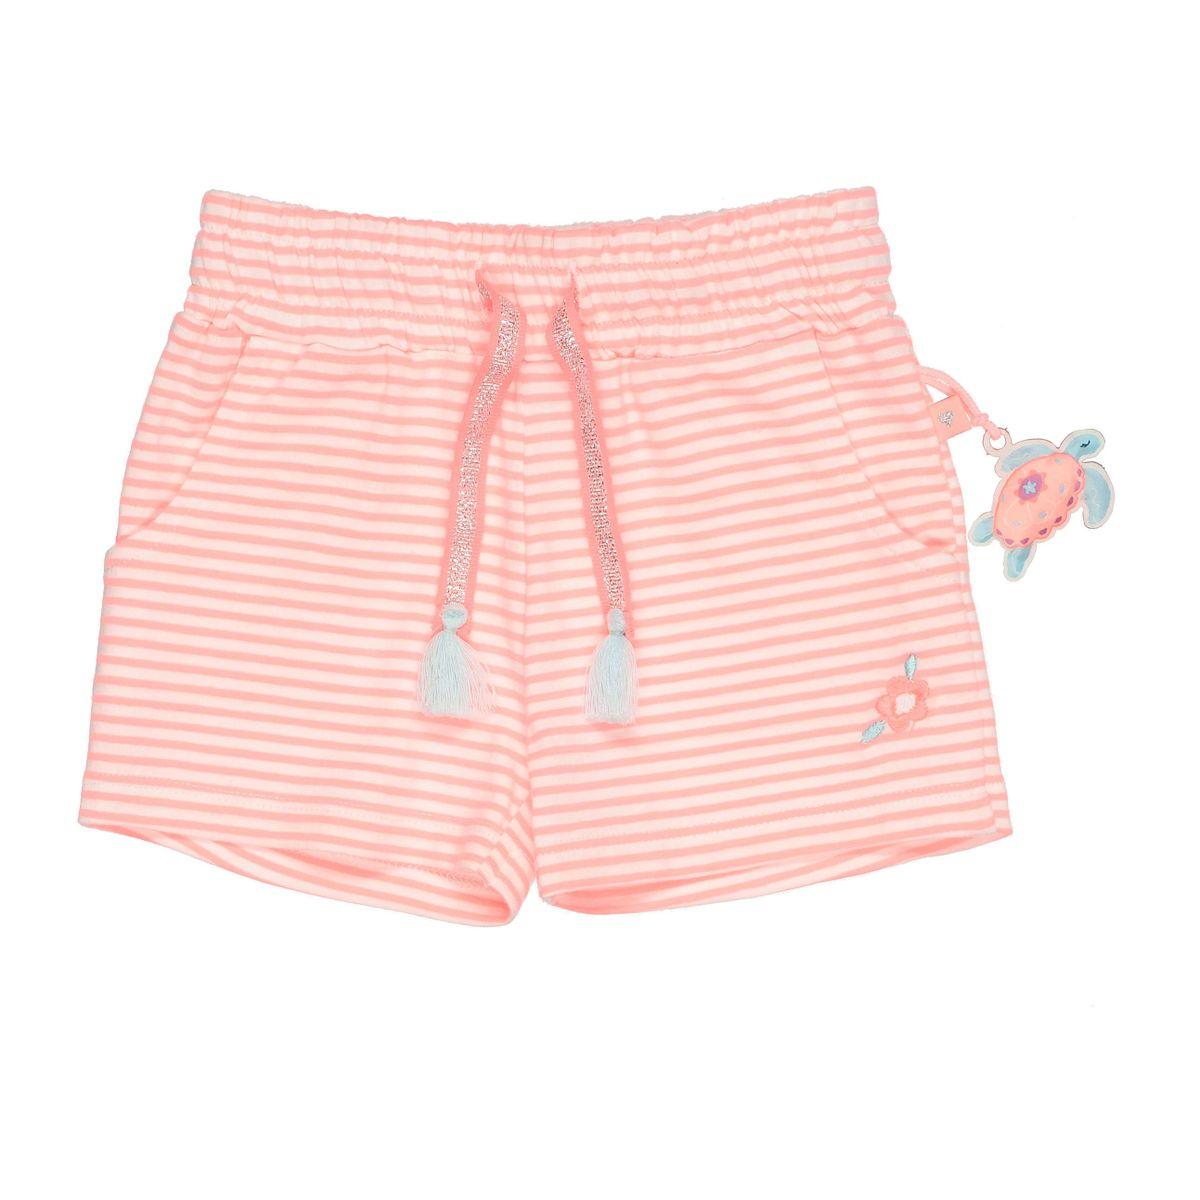 Shorts im Streifen-Design - Neon Papaya